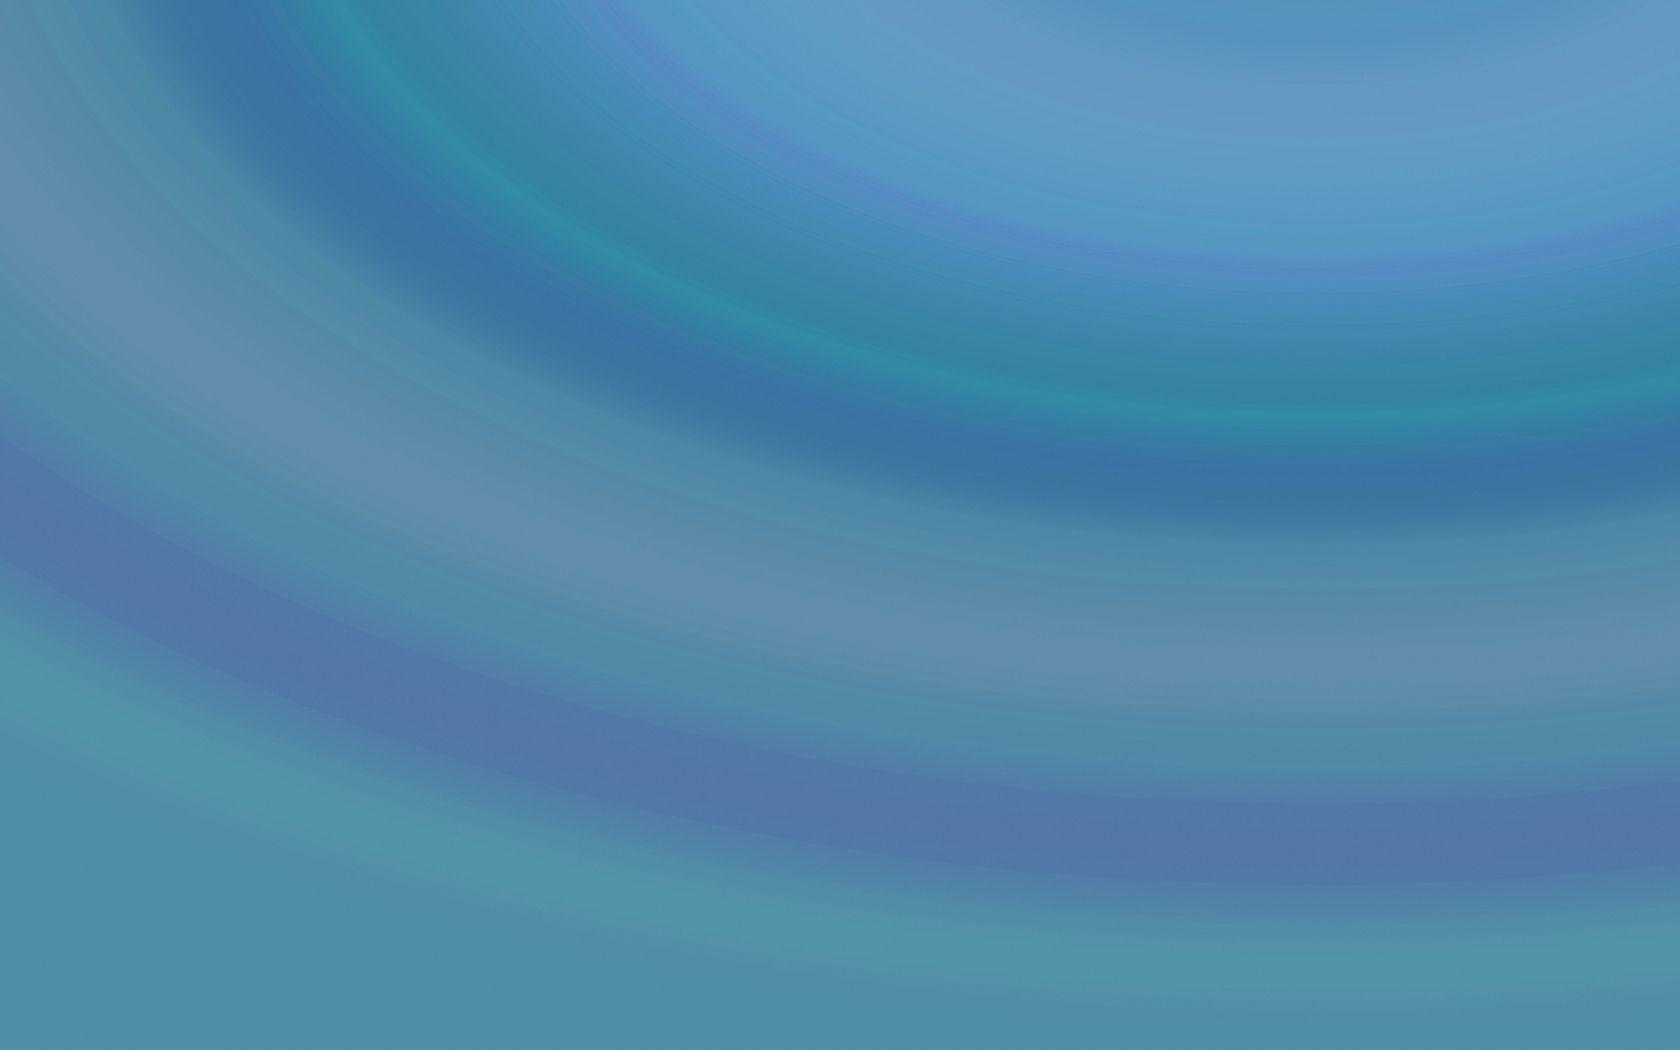 138832 скачать обои Текстуры, Линии, Вращение, Фон, Светлый, Текстура - заставки и картинки бесплатно